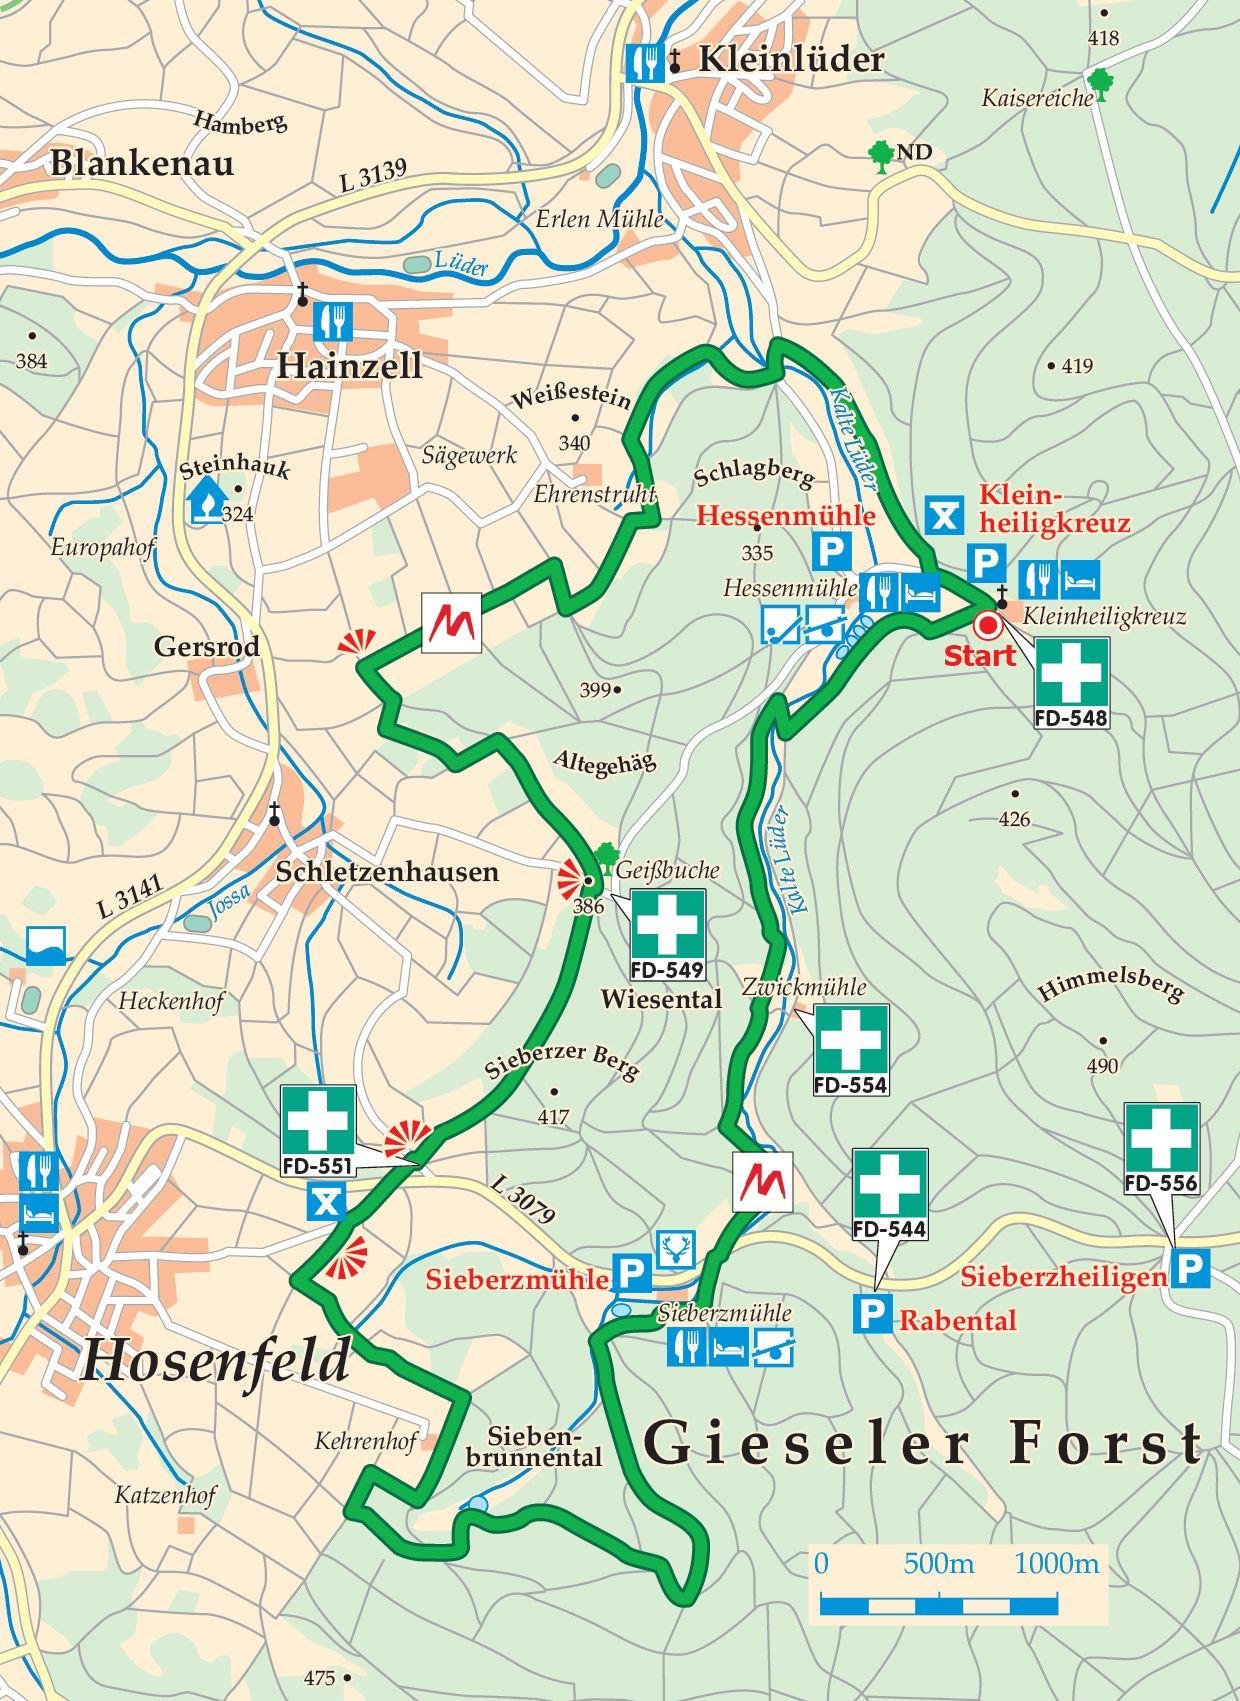 Extratour Mühlentour Karte